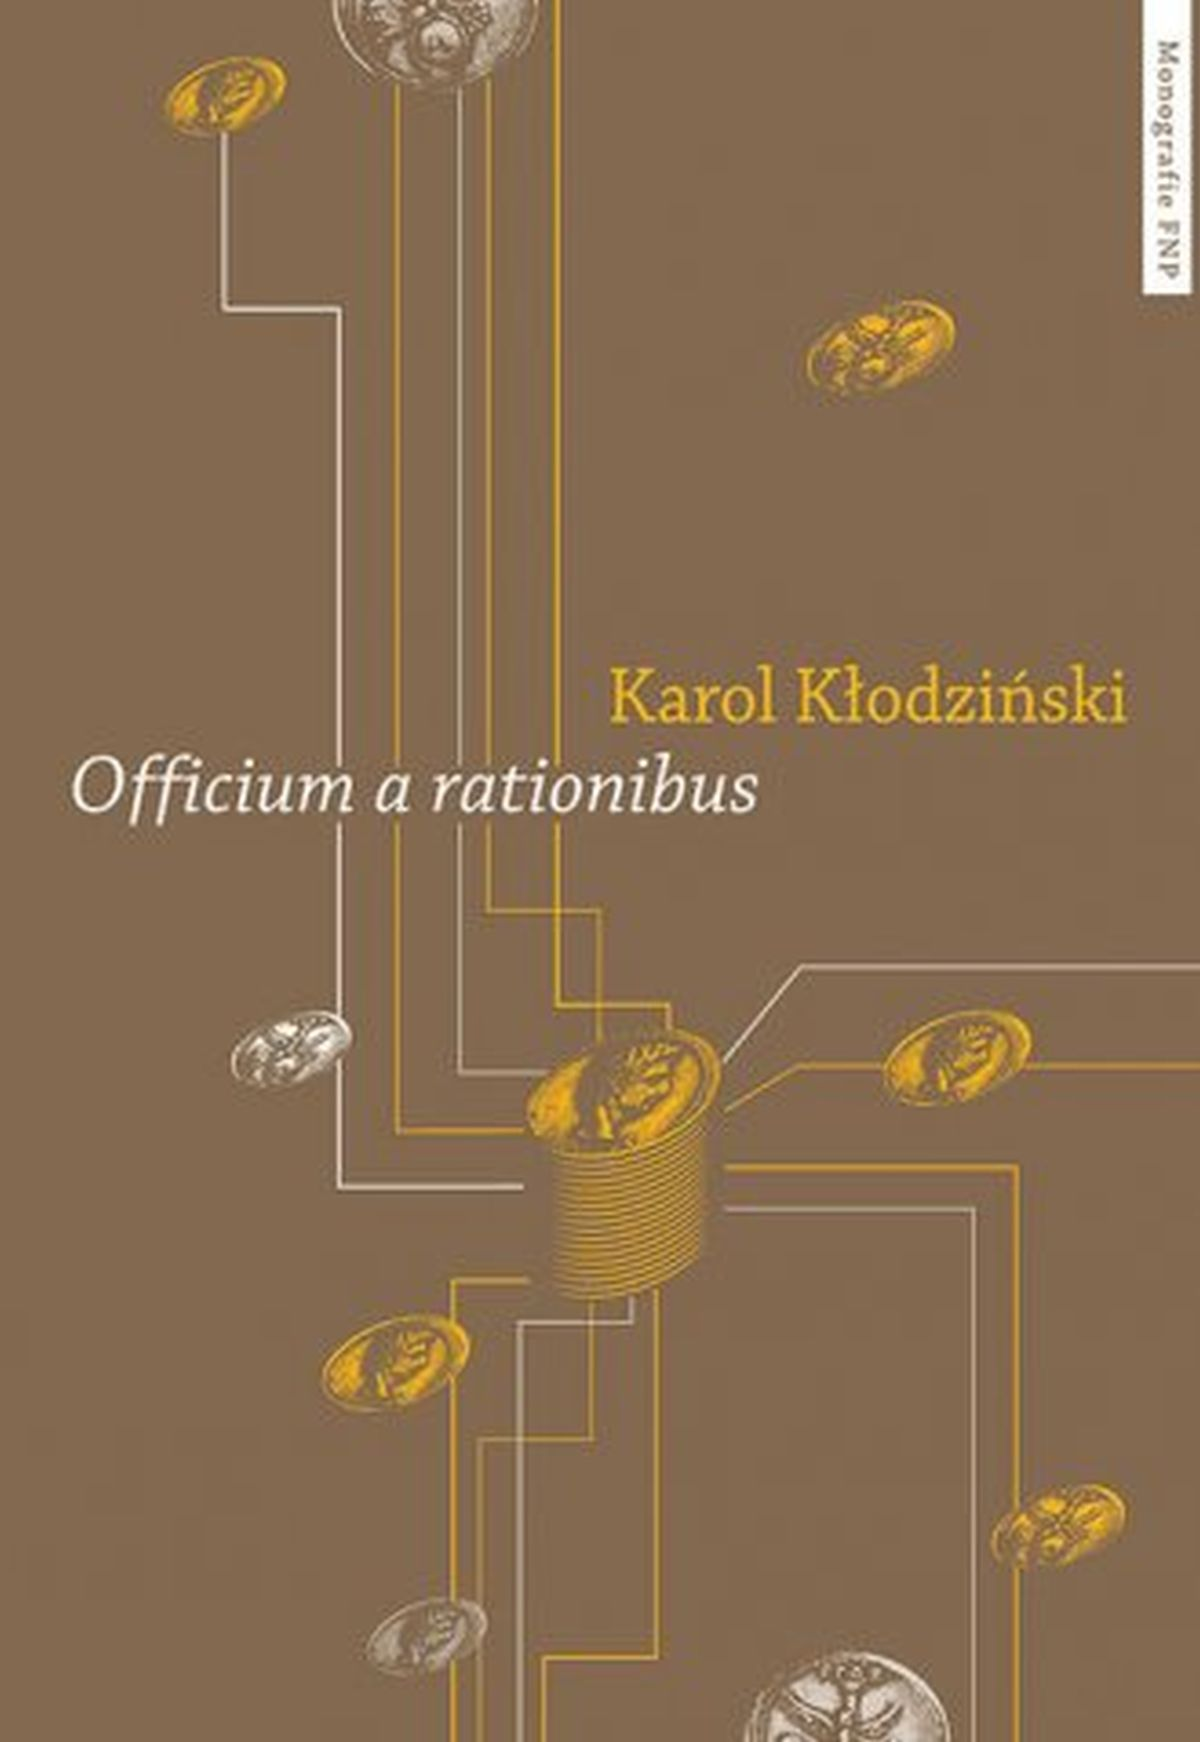 Karol Kłodziński, Officium a rationibus